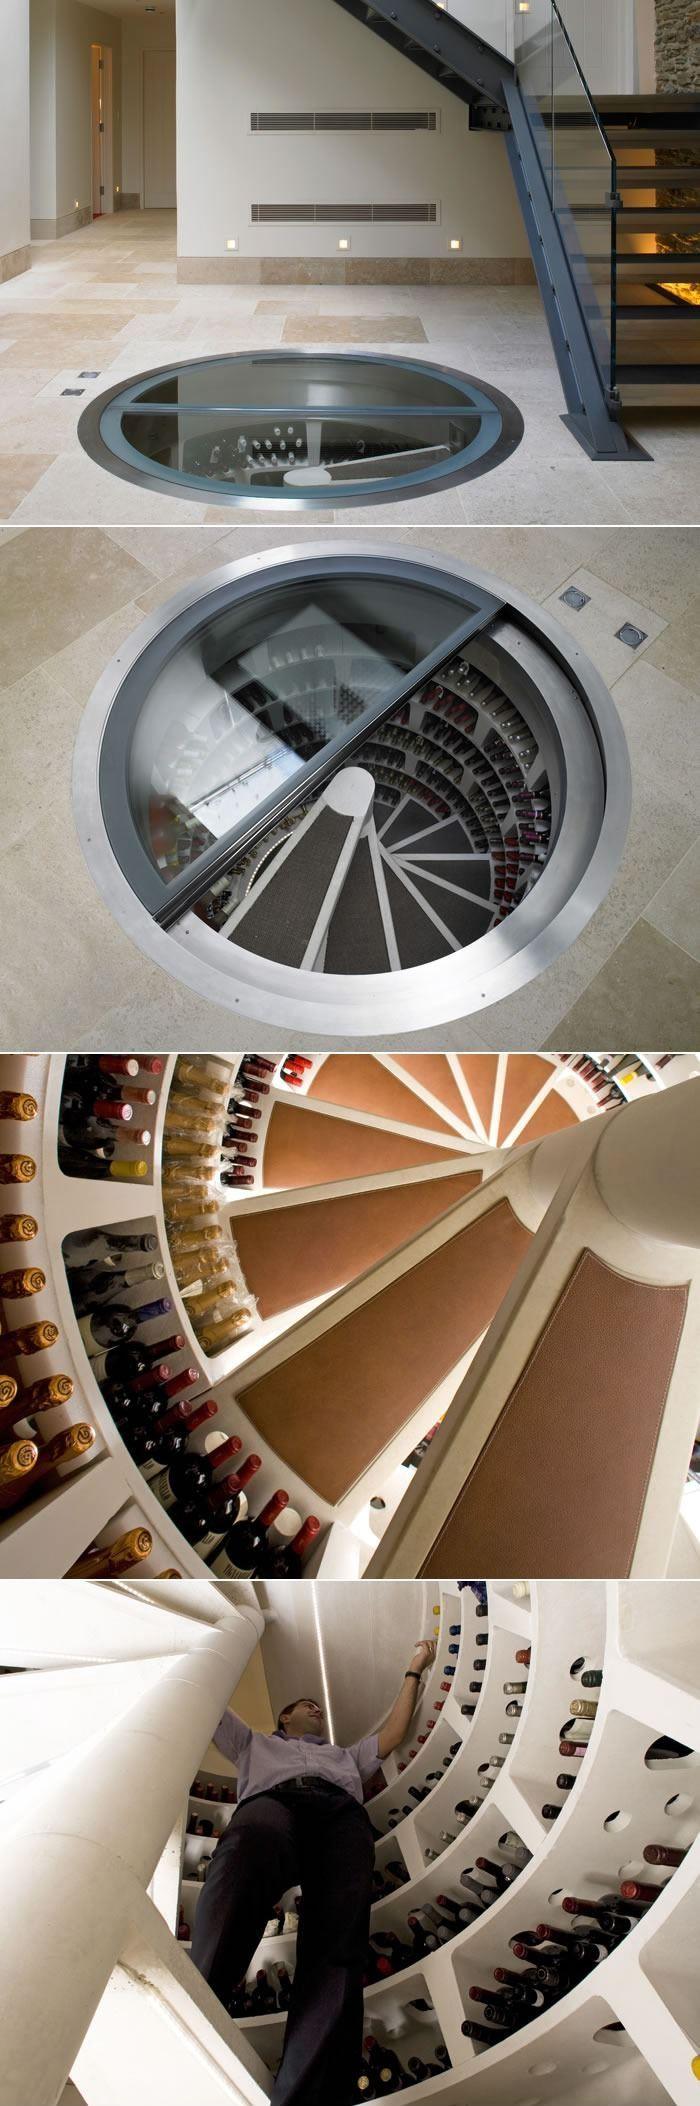 Spiral Wine Cellar Is Cool Spiral Wine Cellar House Design Wine Cellar